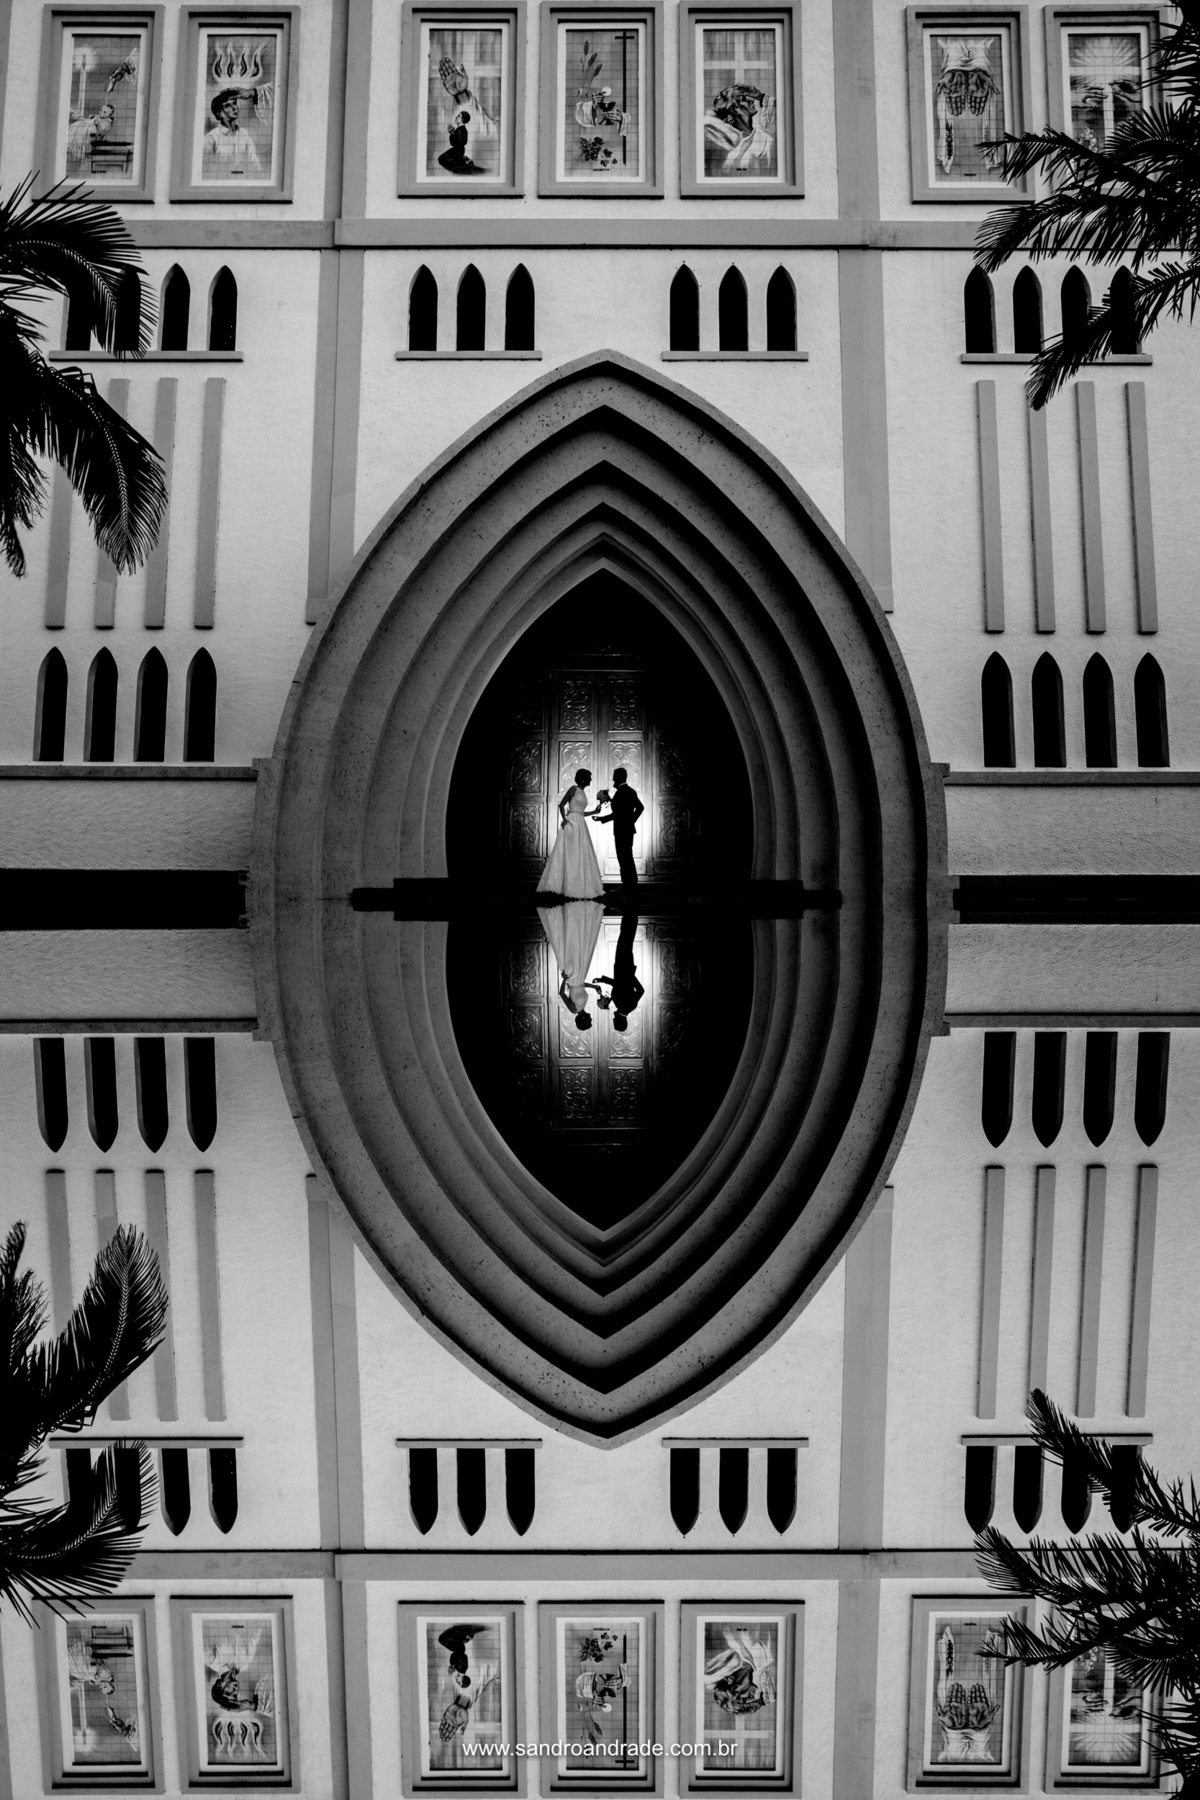 Ainda a porta da igreja, uma belissima fotografia de reflexo com os noivos a porta em preto e branco.